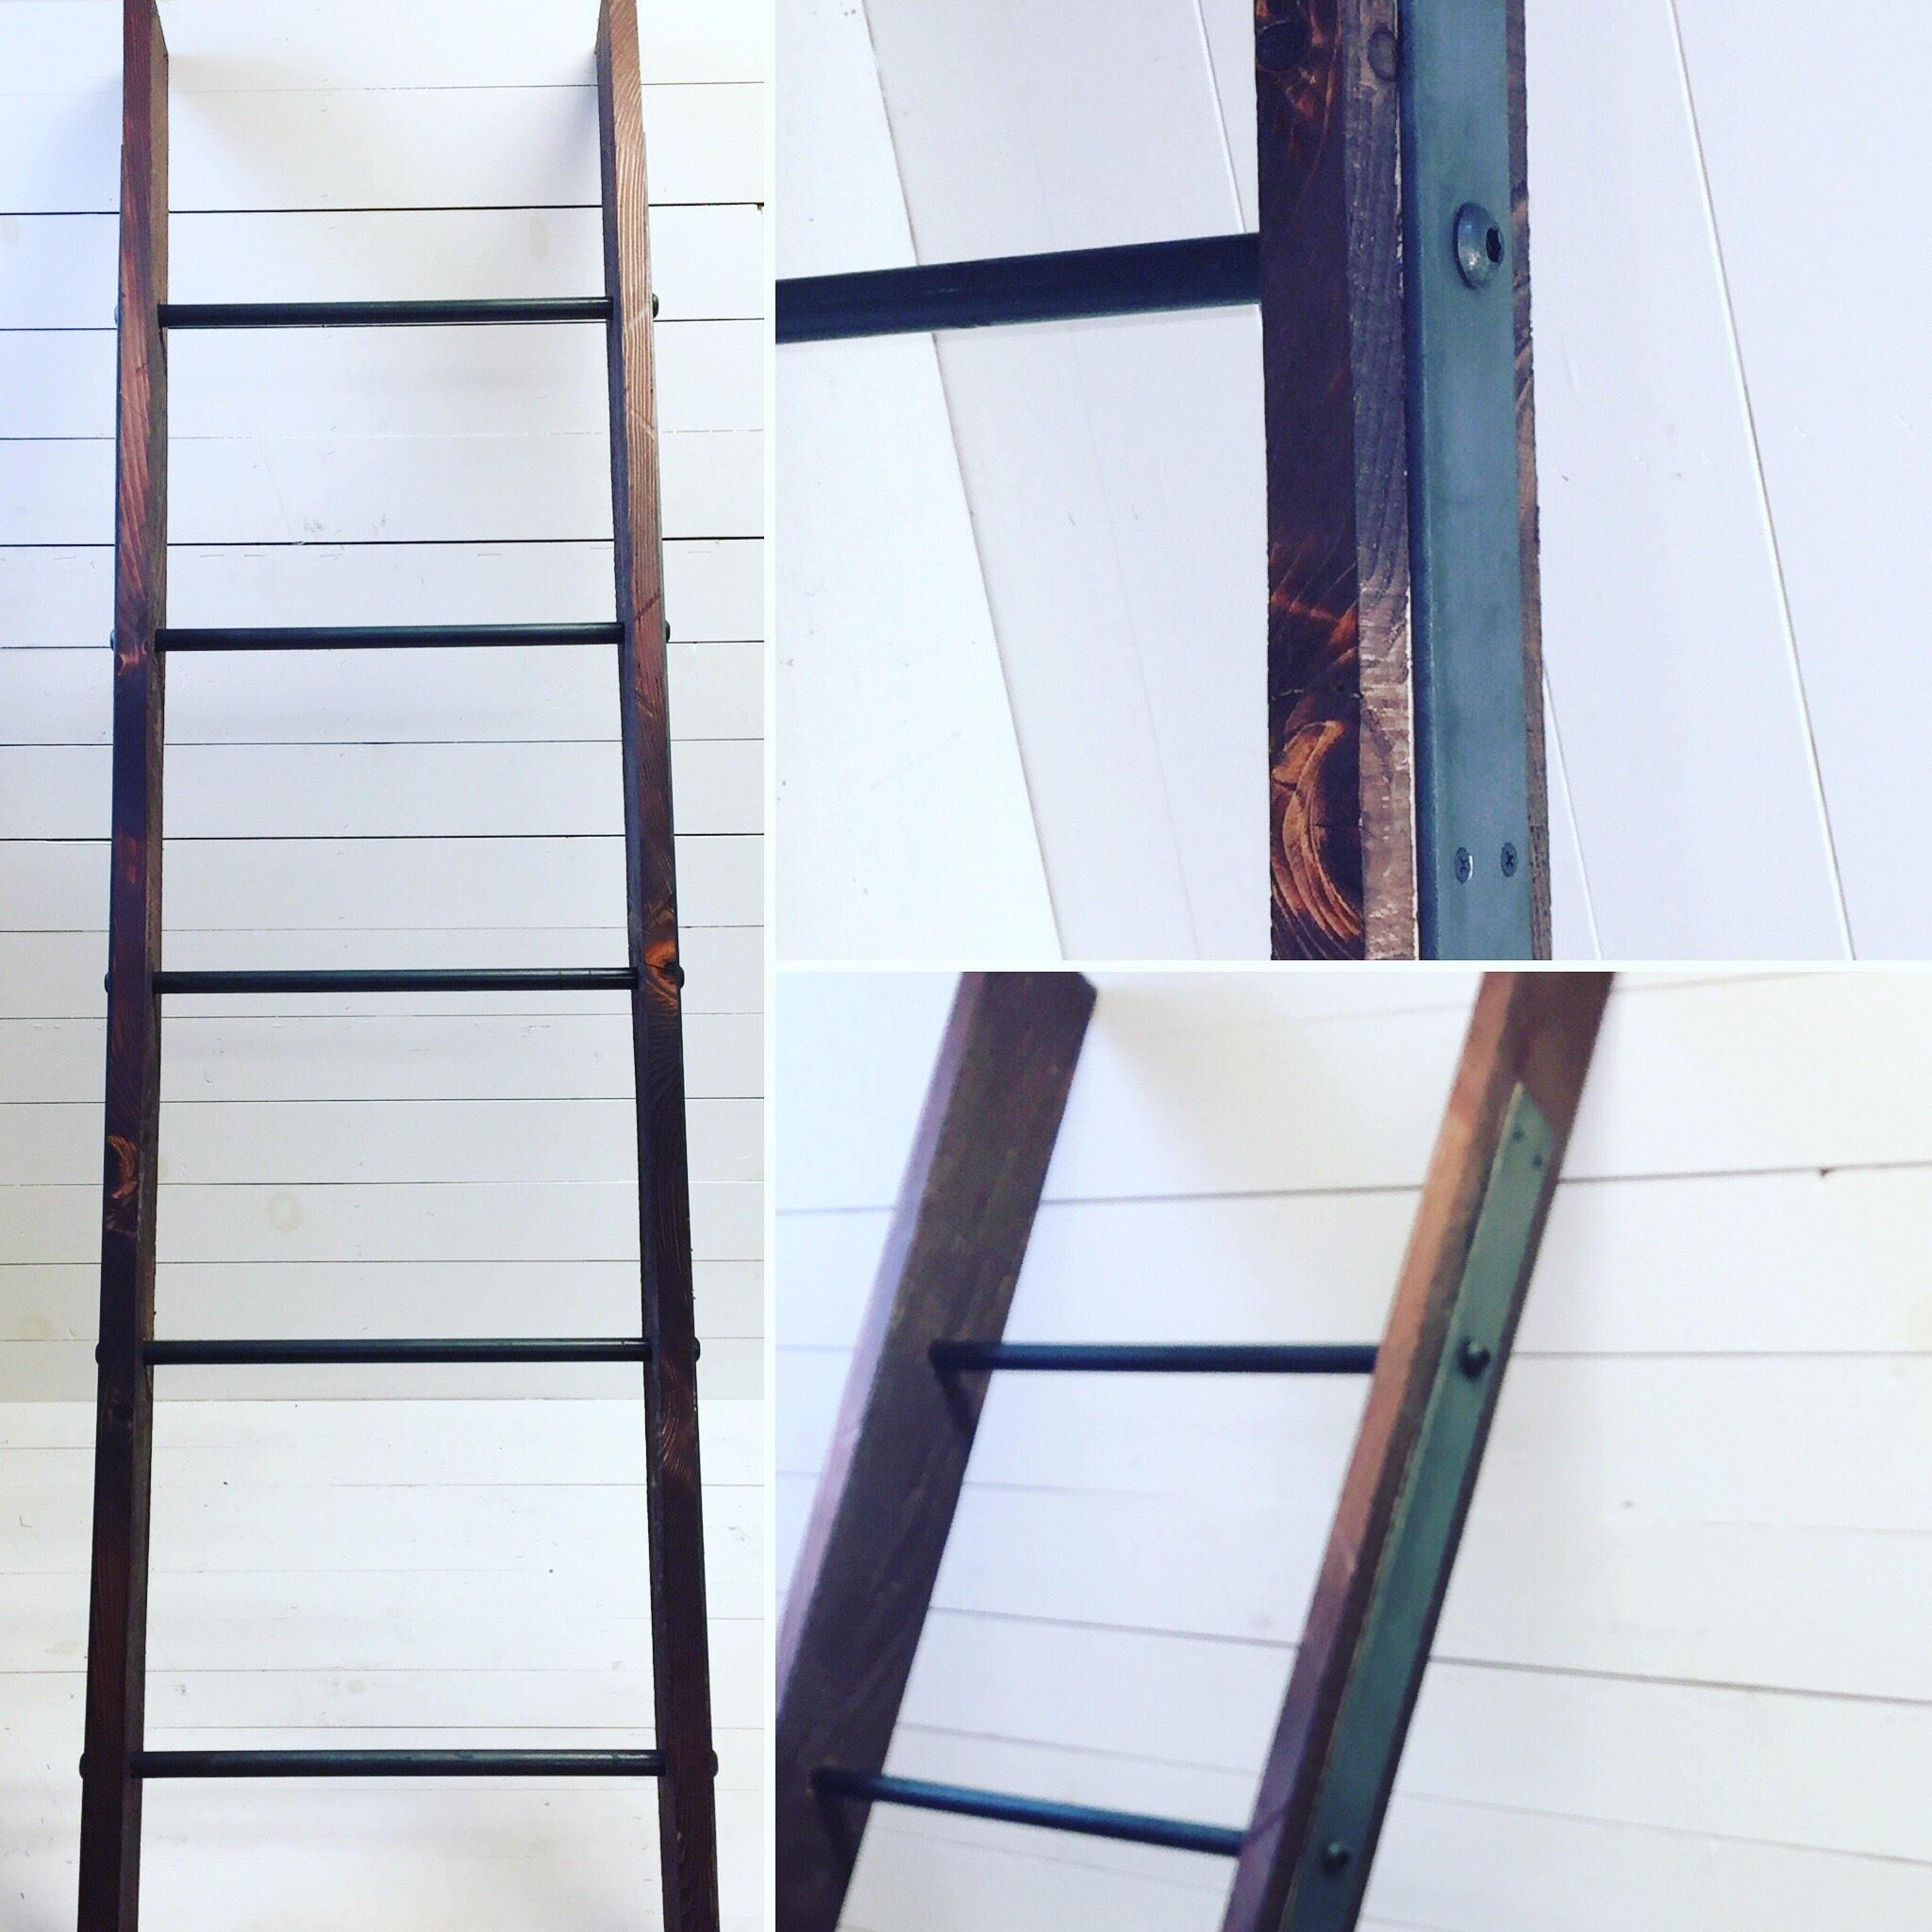 Blanket Ladder, Ladder, Home Decor, Rustic Ladder, Wooden Ladder ...